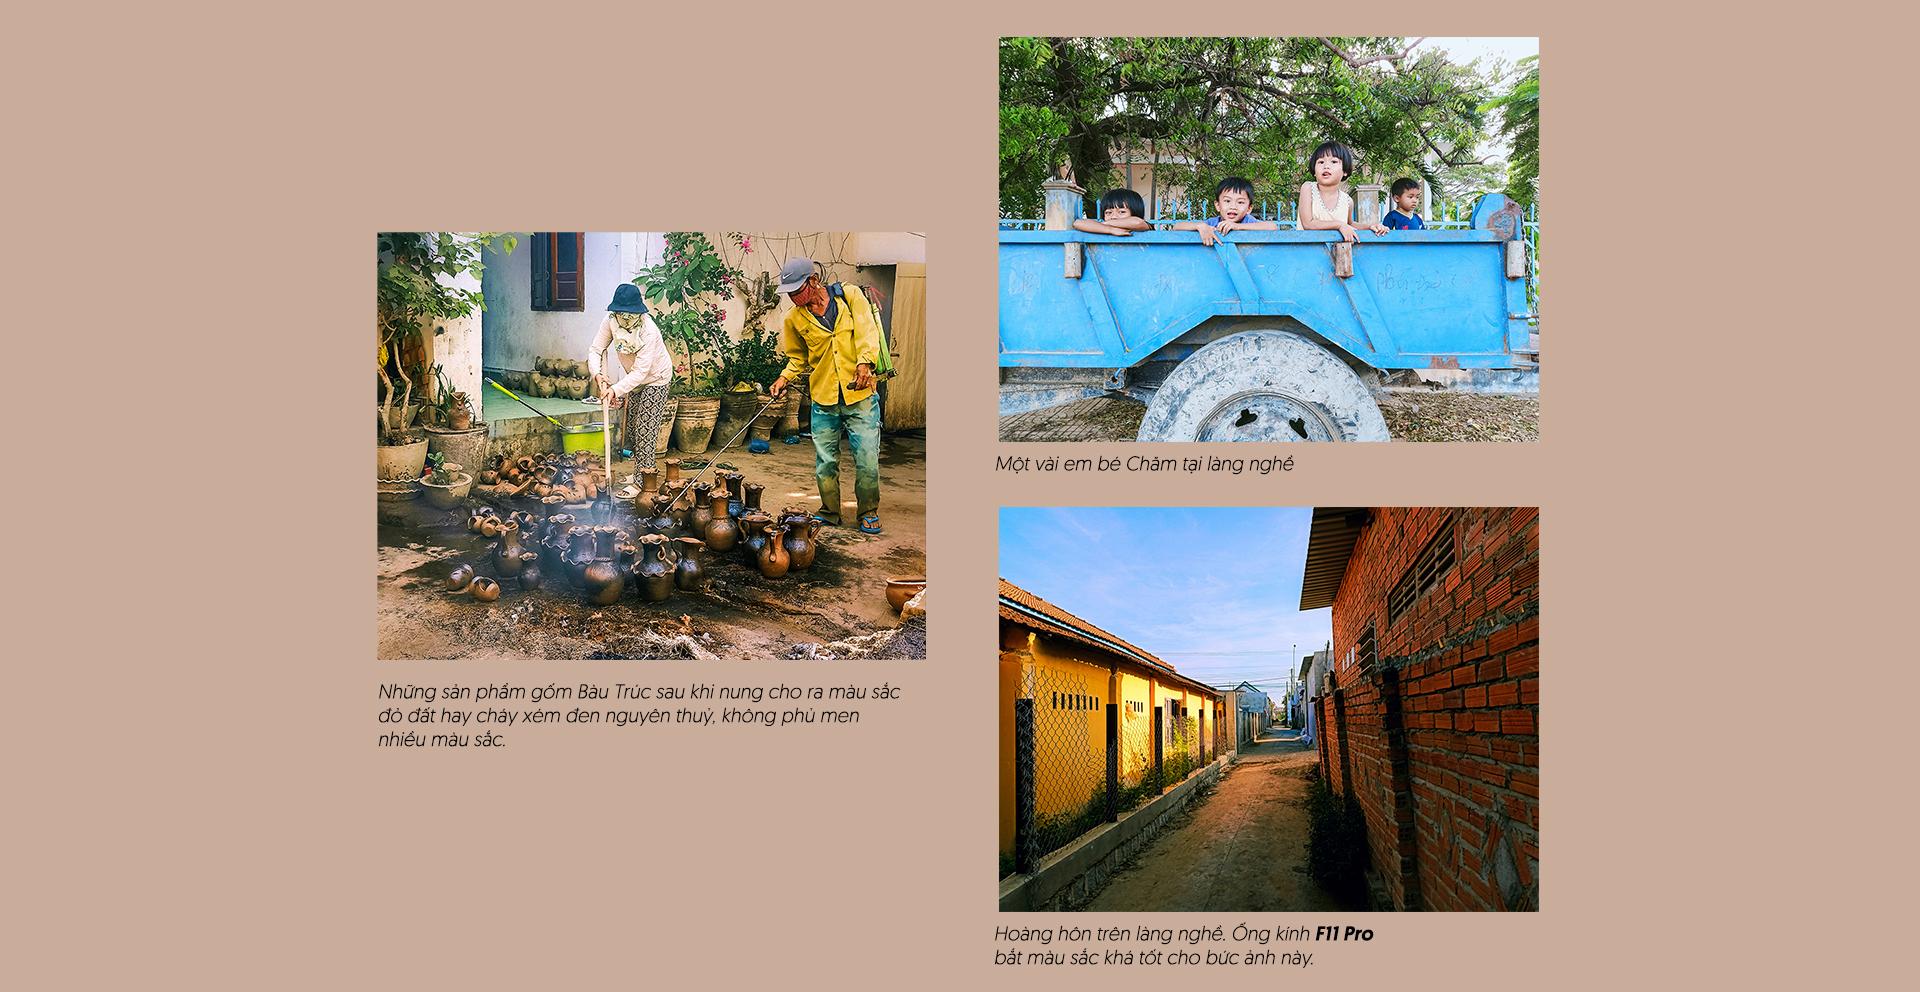 Hút hồn chân dung thiếu nữ Chăm và bức tranh làng nghề truyền thống qua ống kính OPPO F11 Pro vừa ra mắt